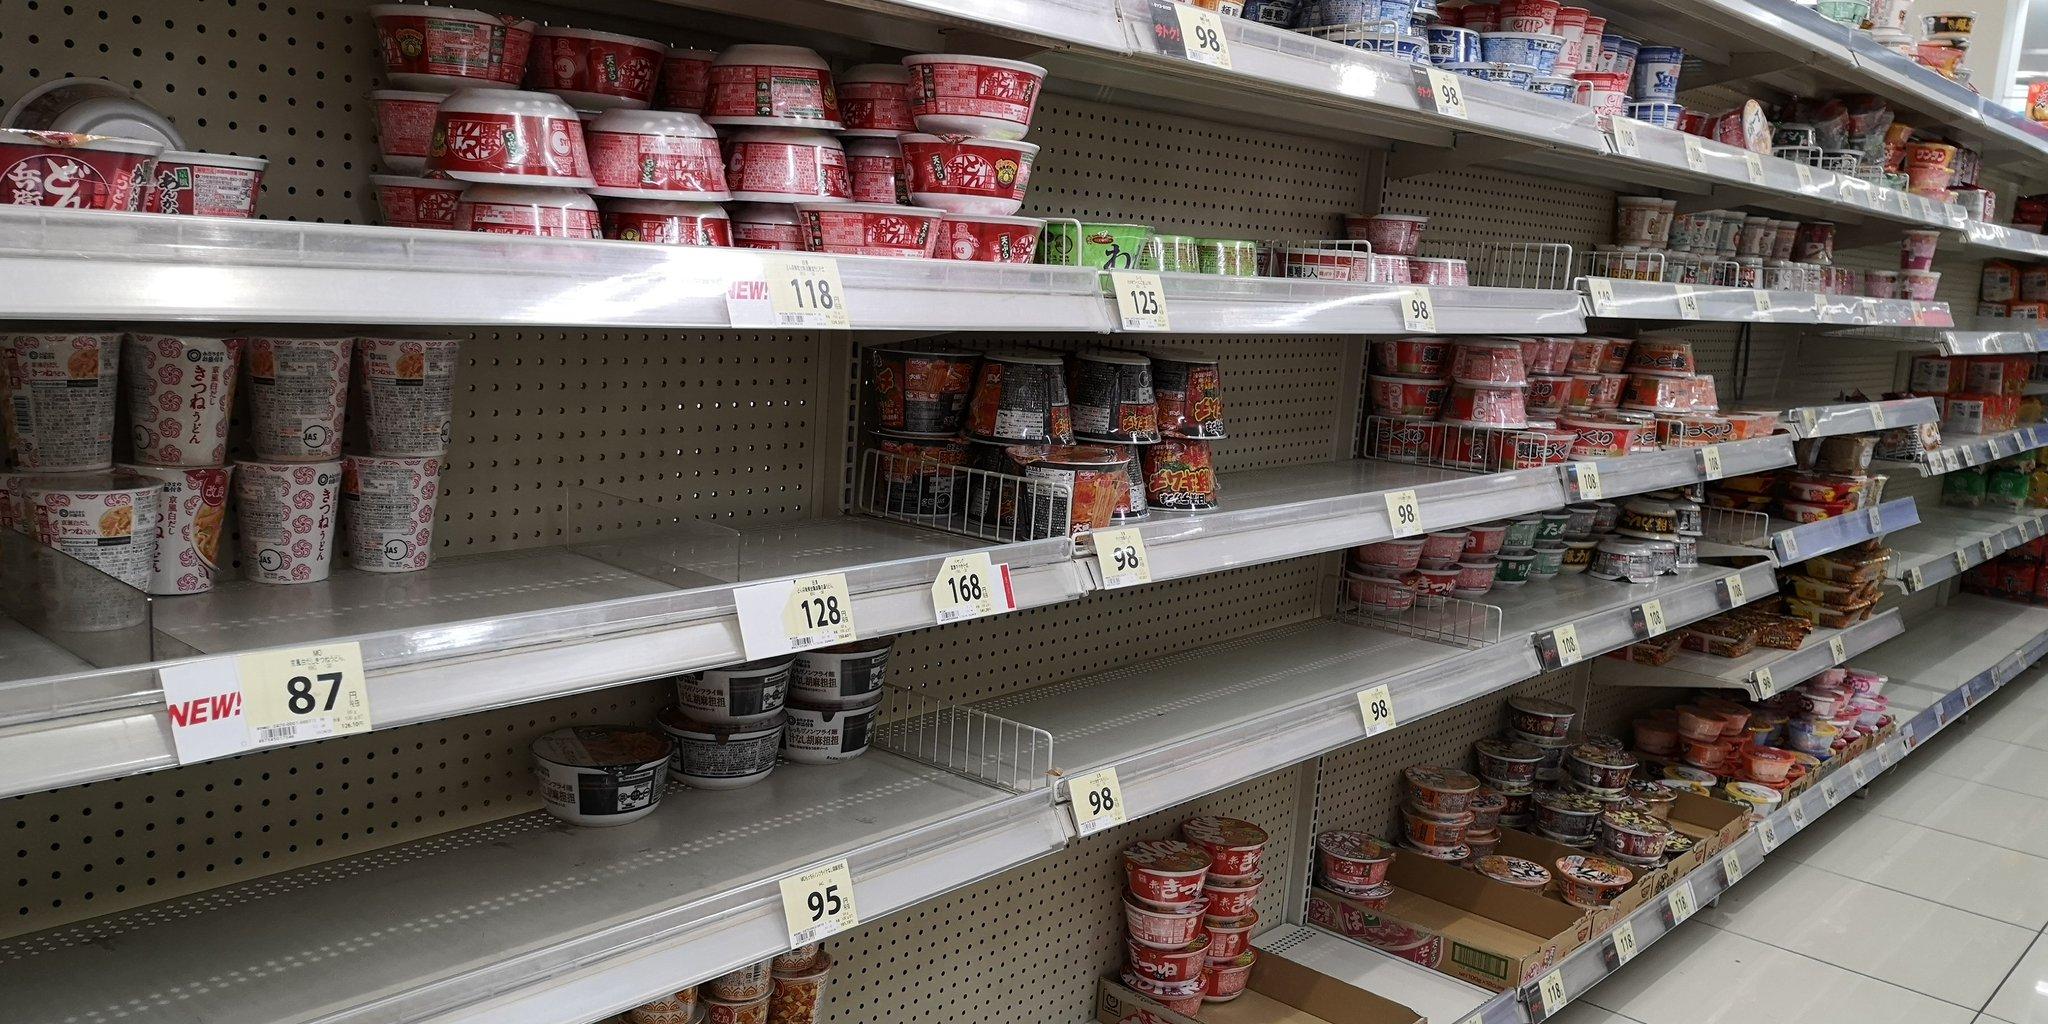 画像,スーパーに行ったらめっちゃ人がいて、レジに長蛇の列が!何事?って思いながら店内回ったら、品薄な棚が多く、特にカップ麺や冷凍食品の棚がガラーンとしてた。どうやらま…